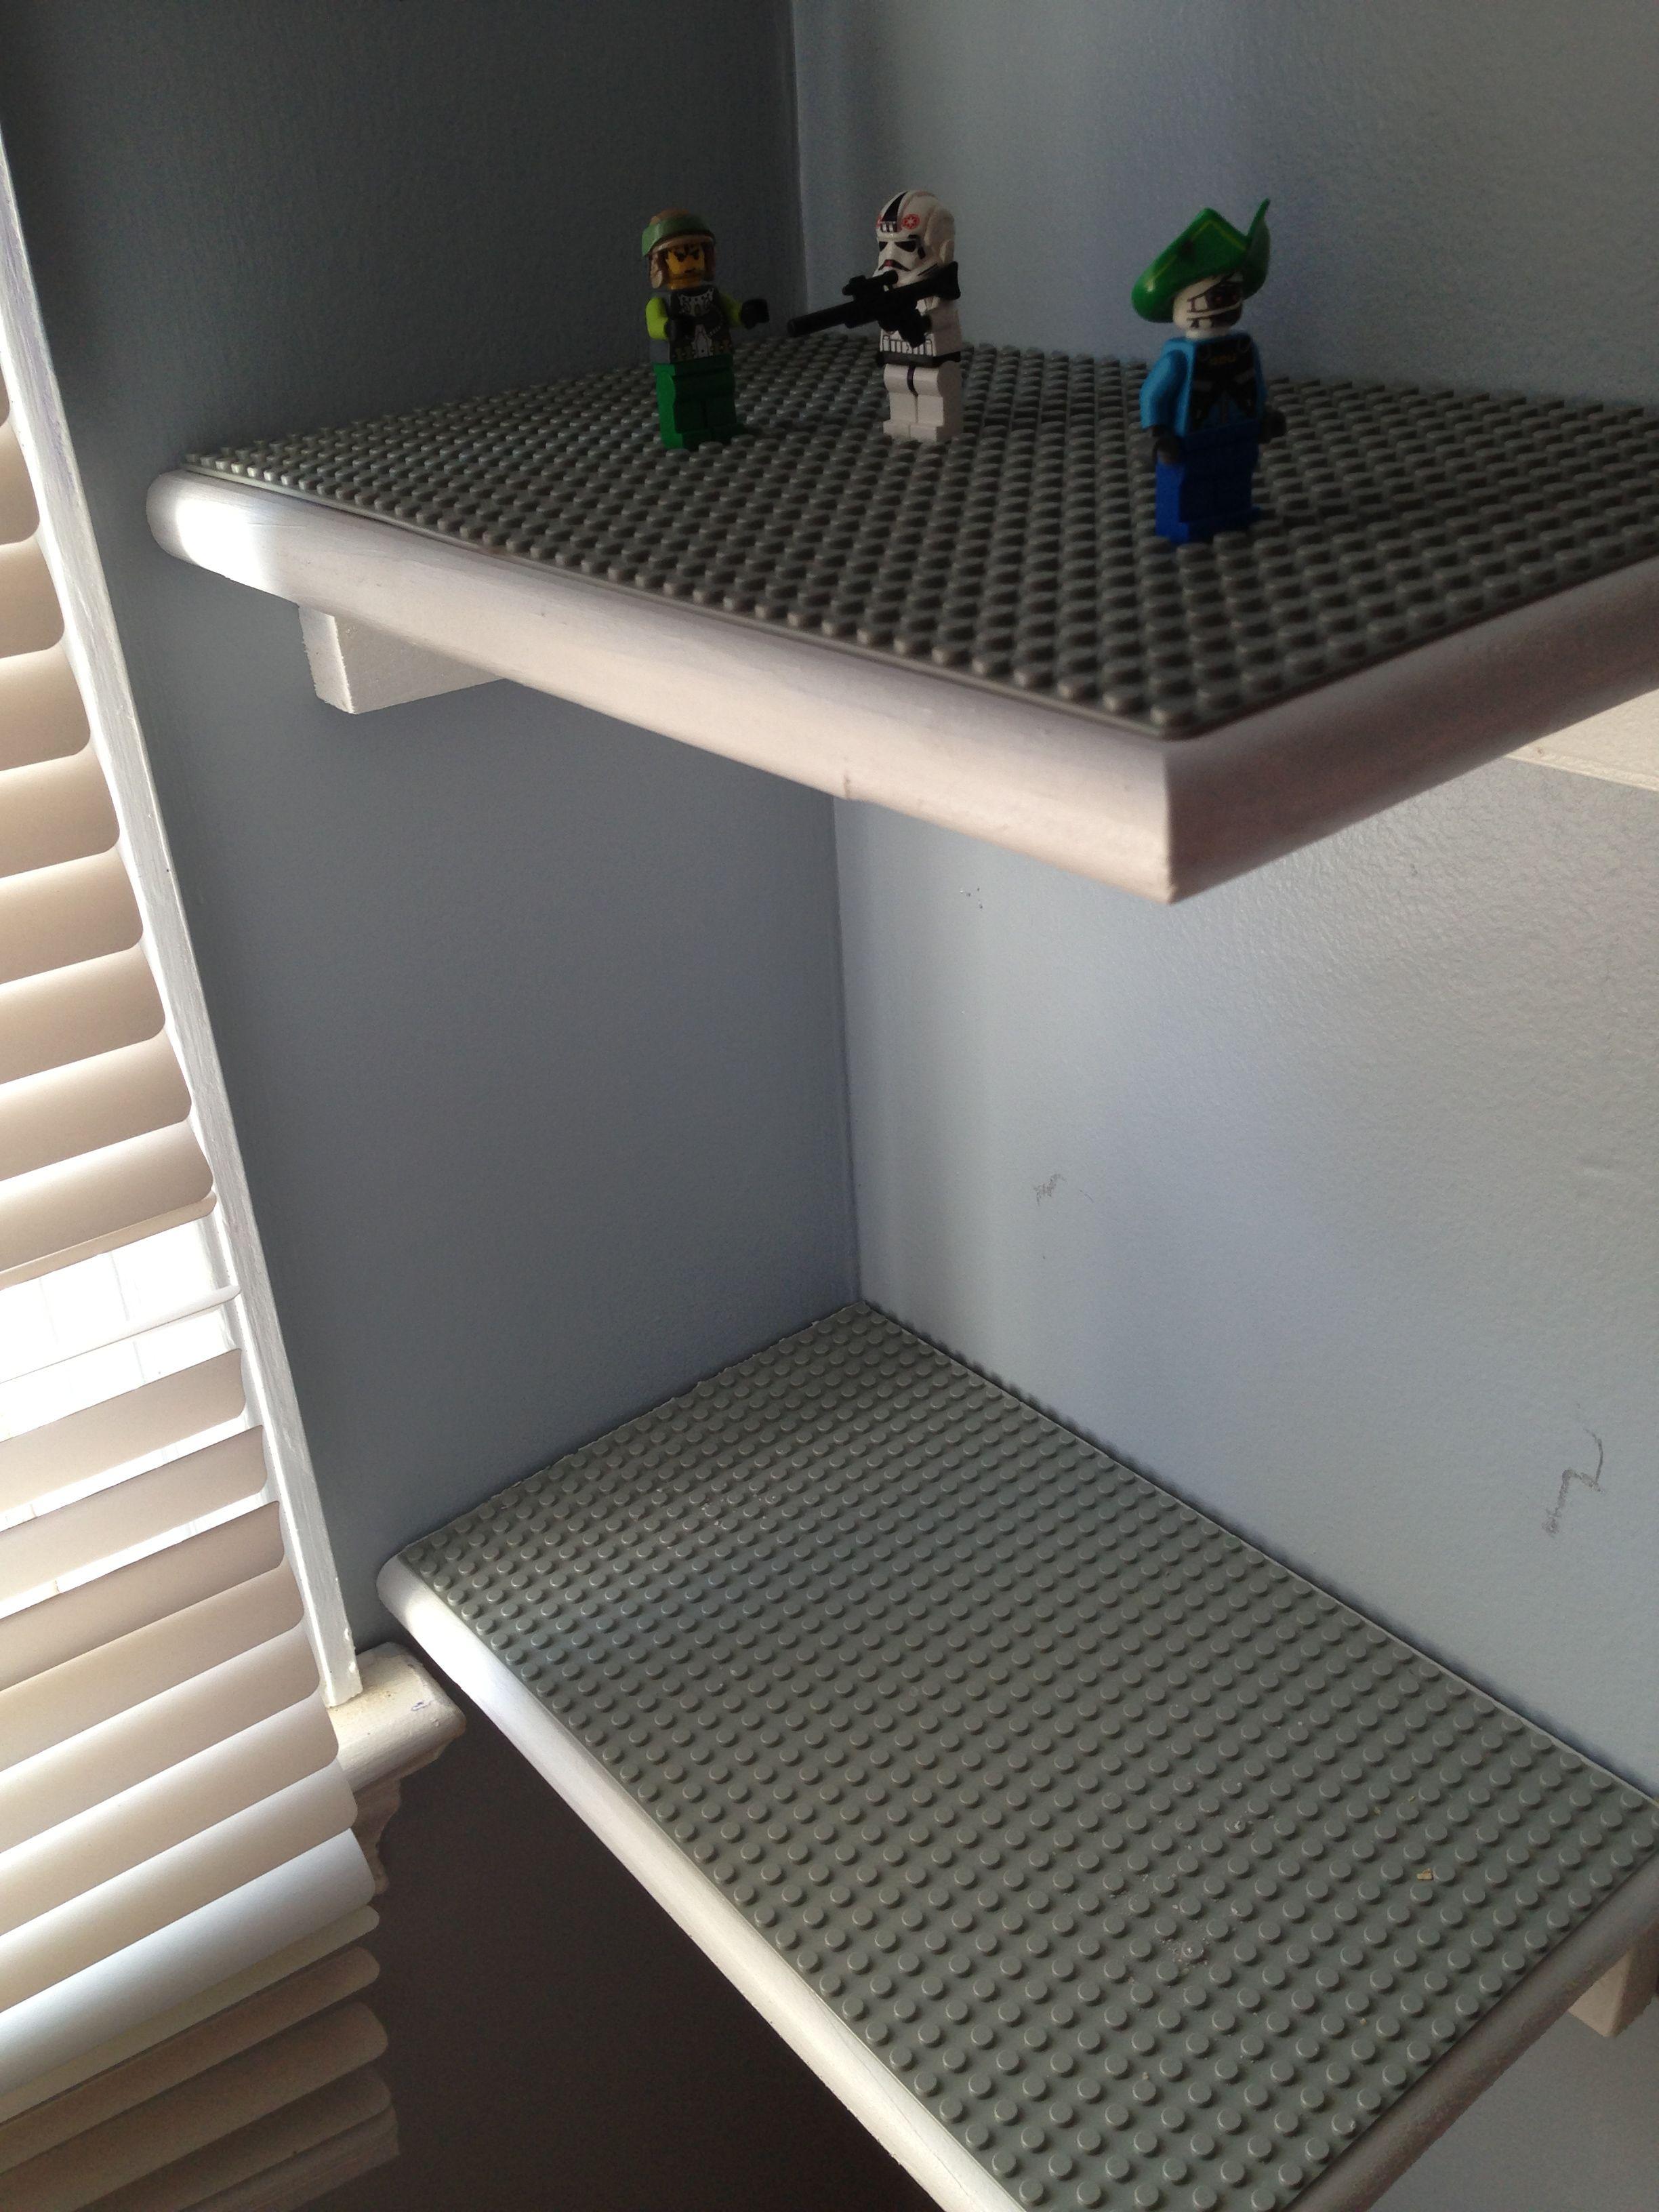 I Wanted To Do Something Like Corner Shelves For Lego